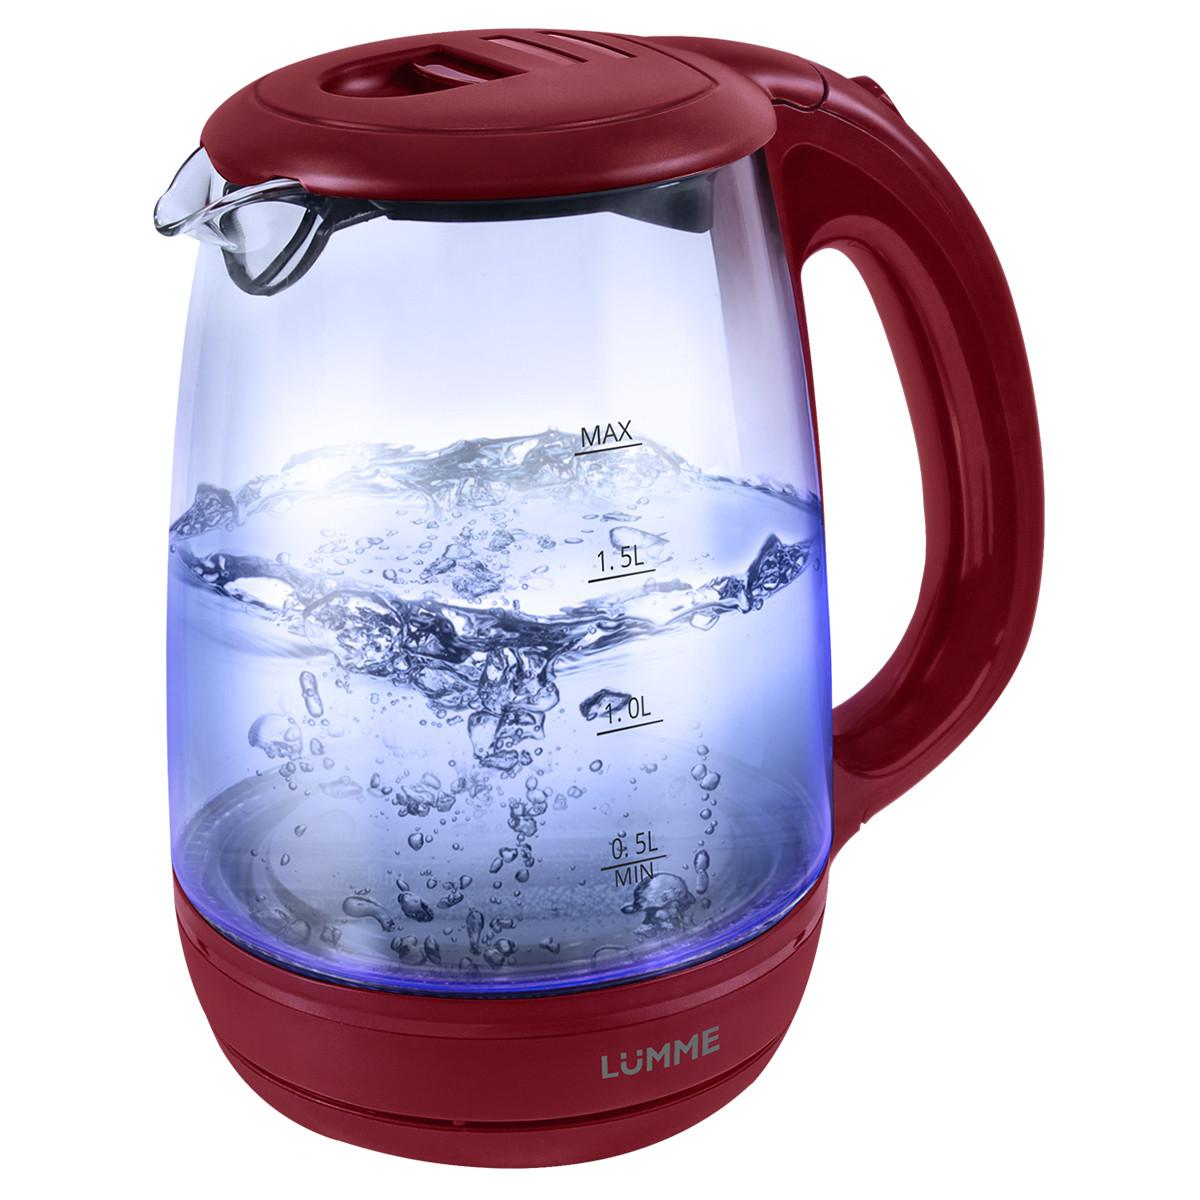 Чайник Lumme Lu-134 красный гранат чайник lumme lu 134 2200 вт черный жемчуг 2 л стекло